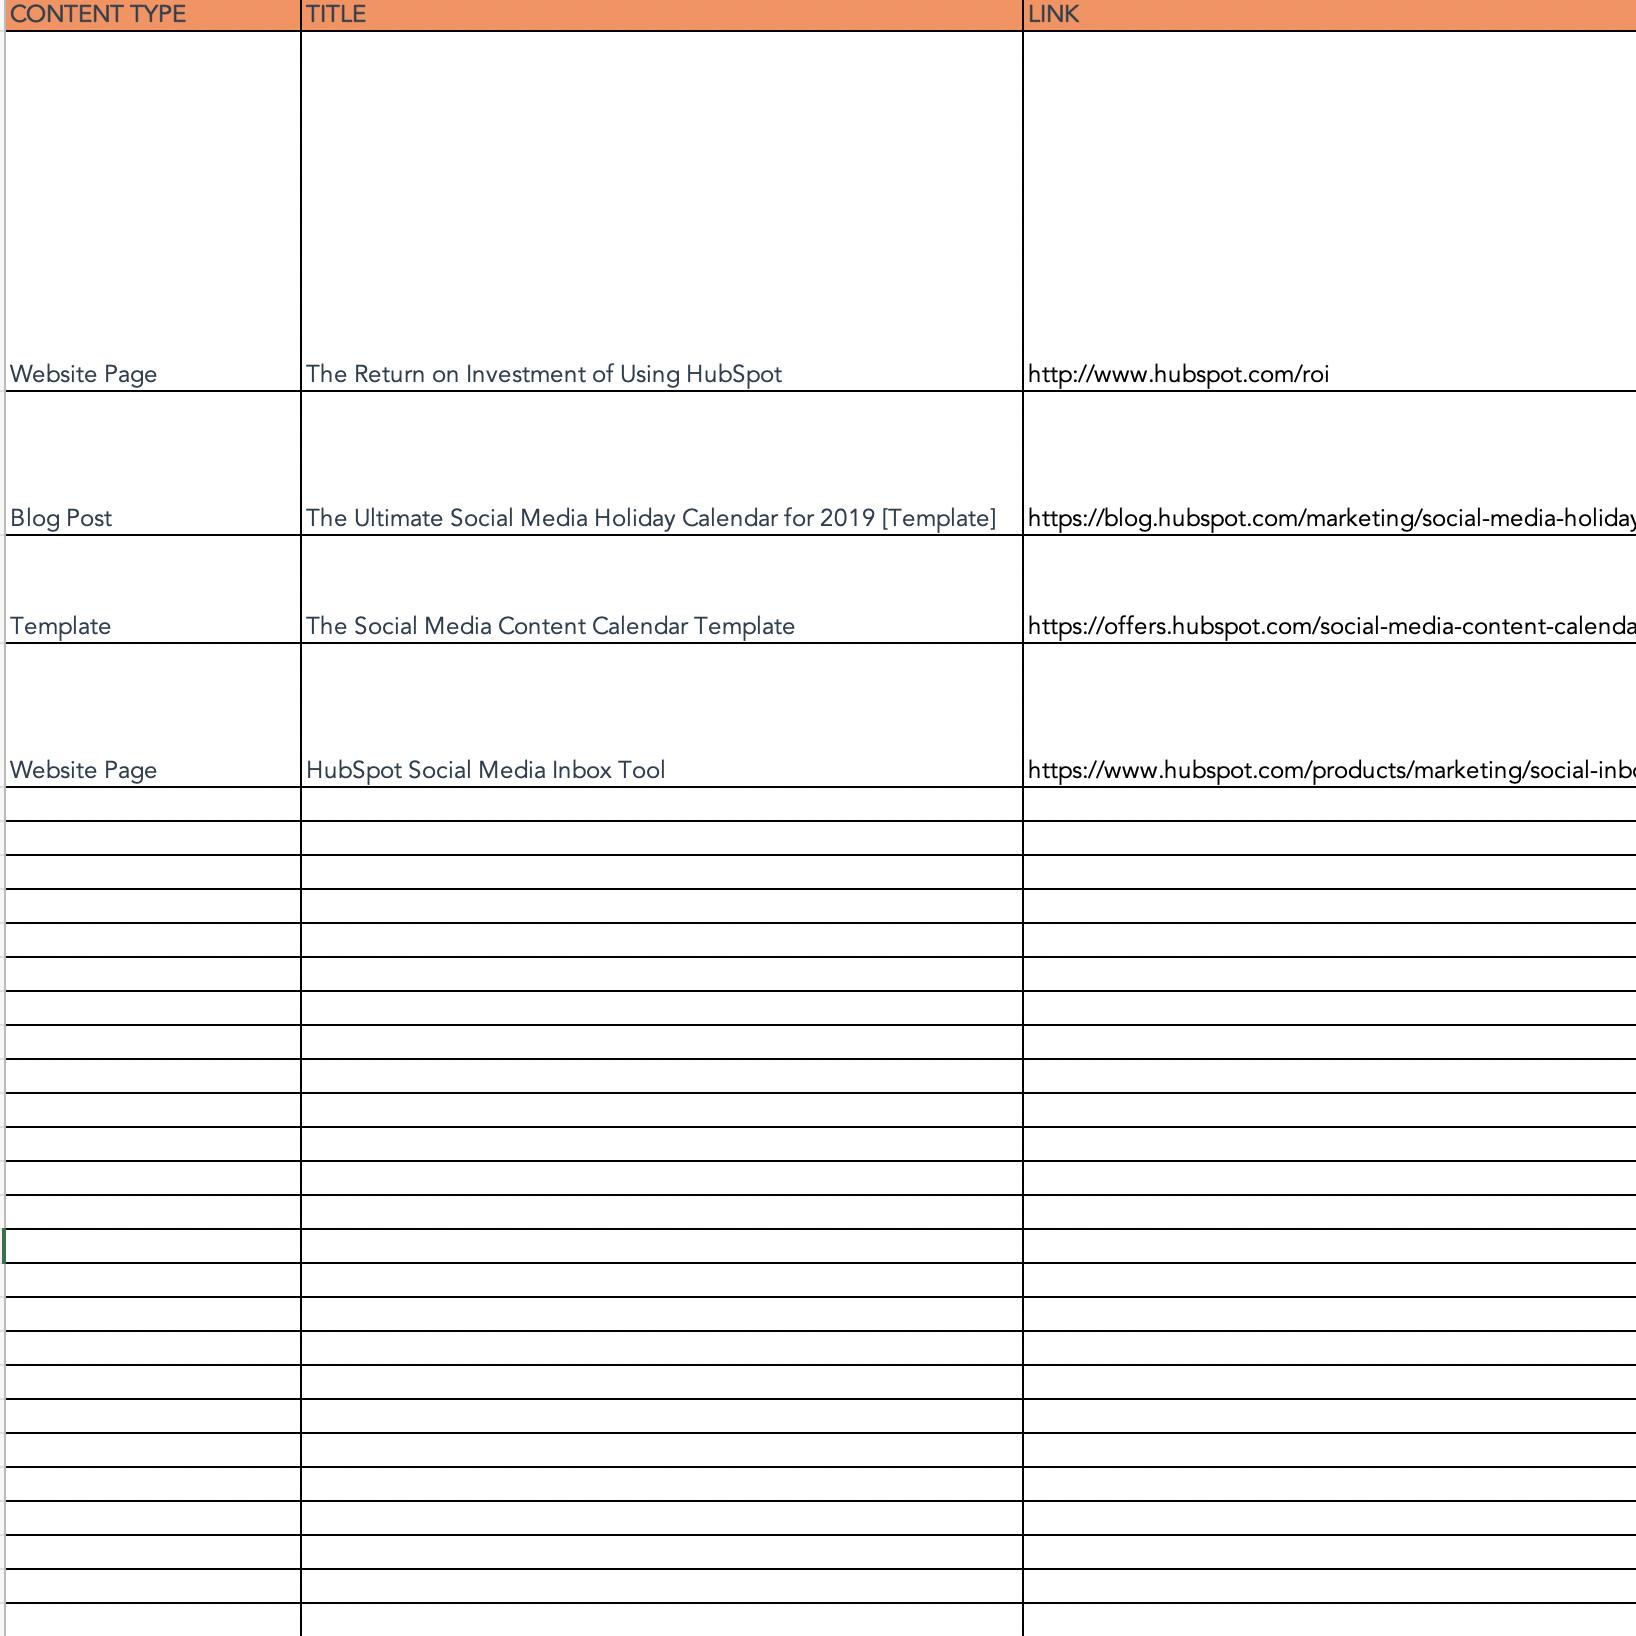 Social media idea repository tab on Social Media Calendar template from HubSpot